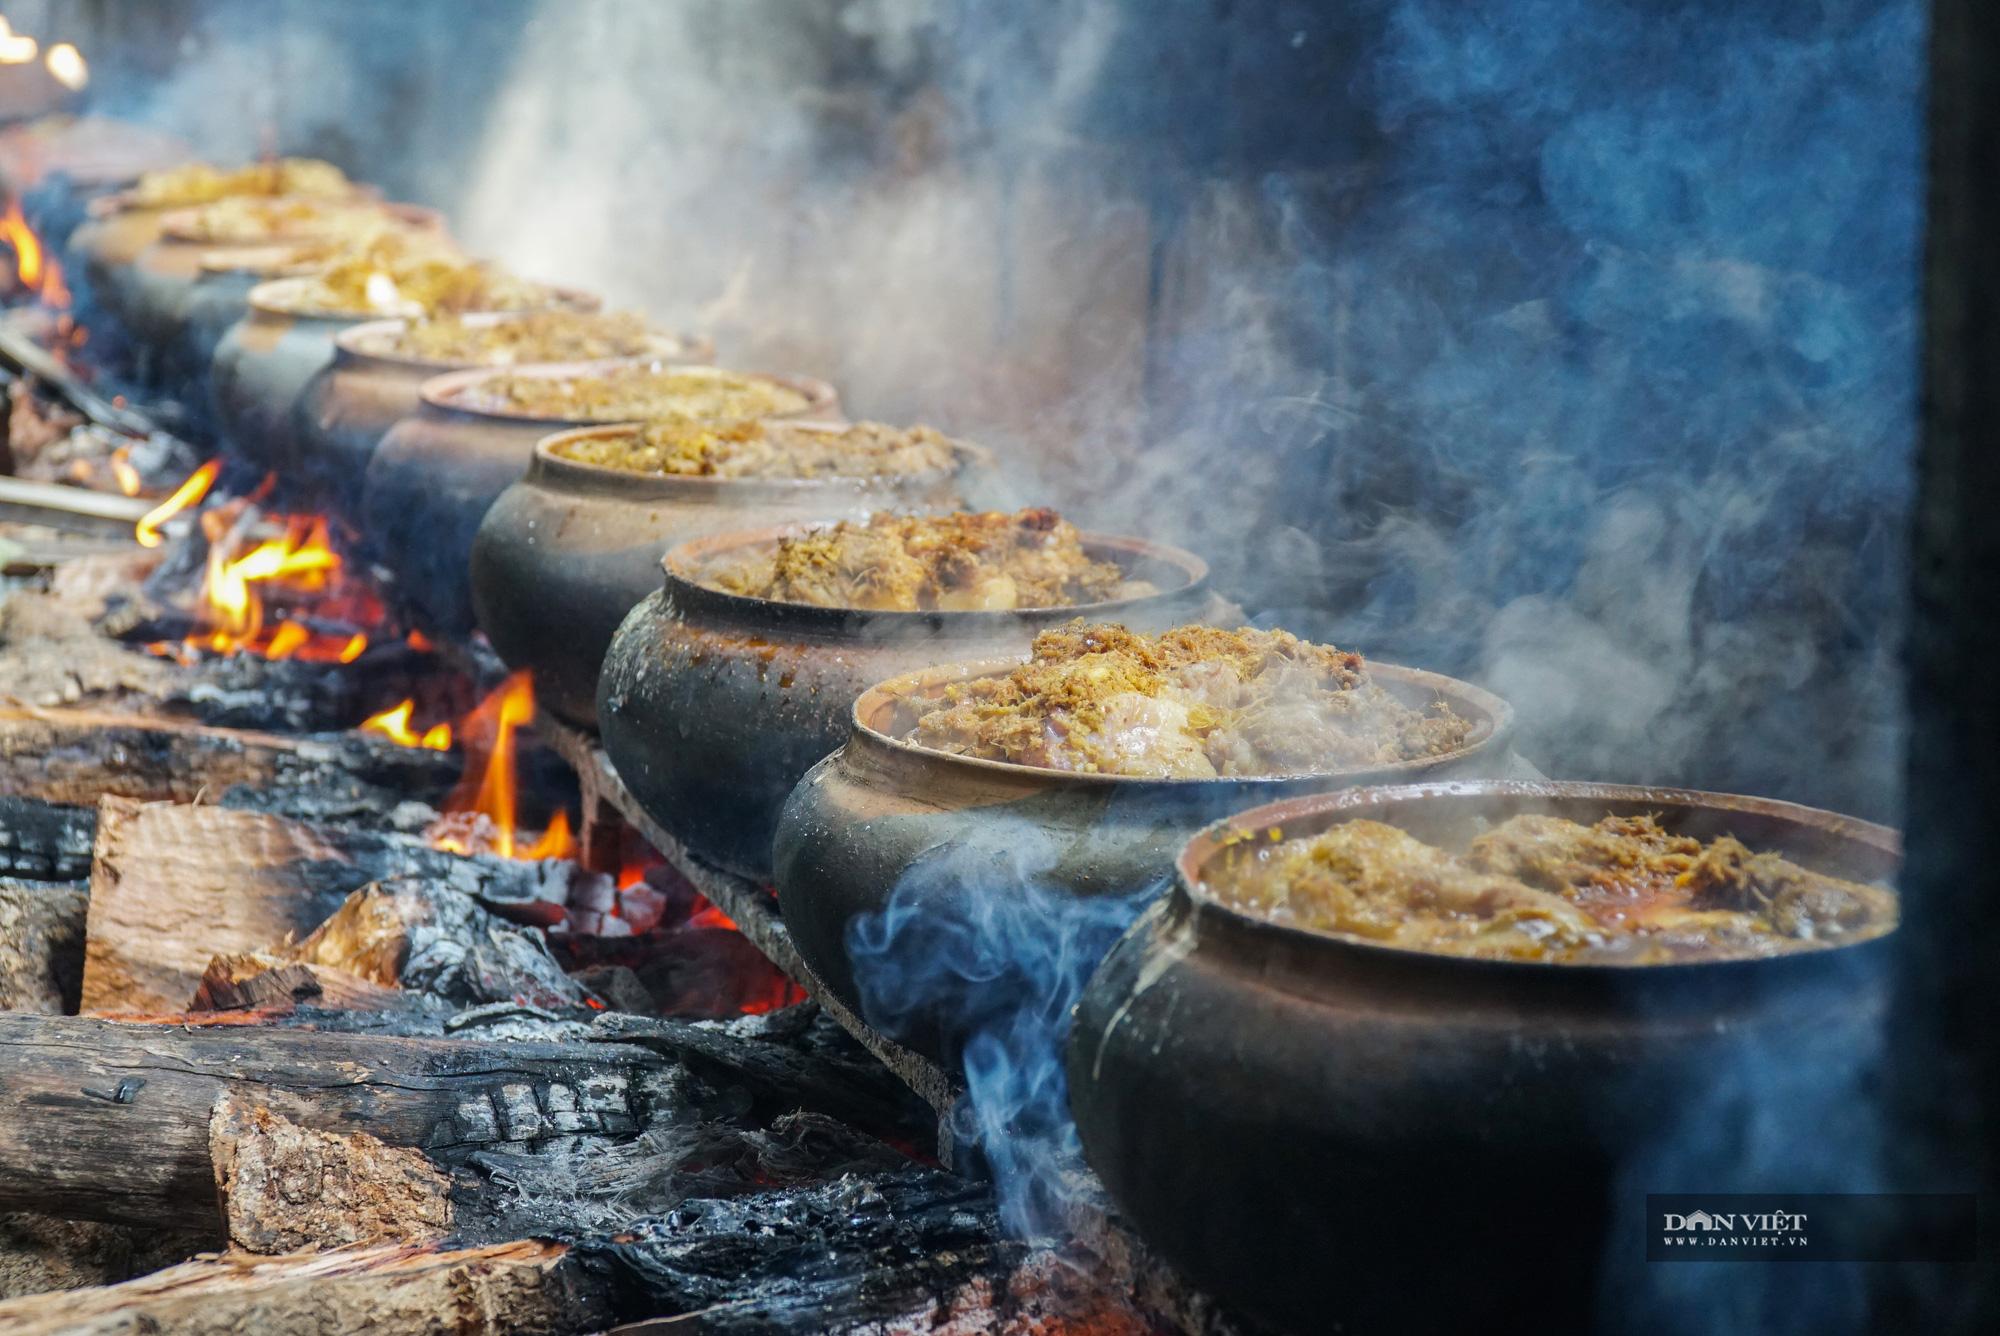 Nghi ngút khói bếp kho cá làng Vũ Đại những ngày cận Tết - Ảnh 7.